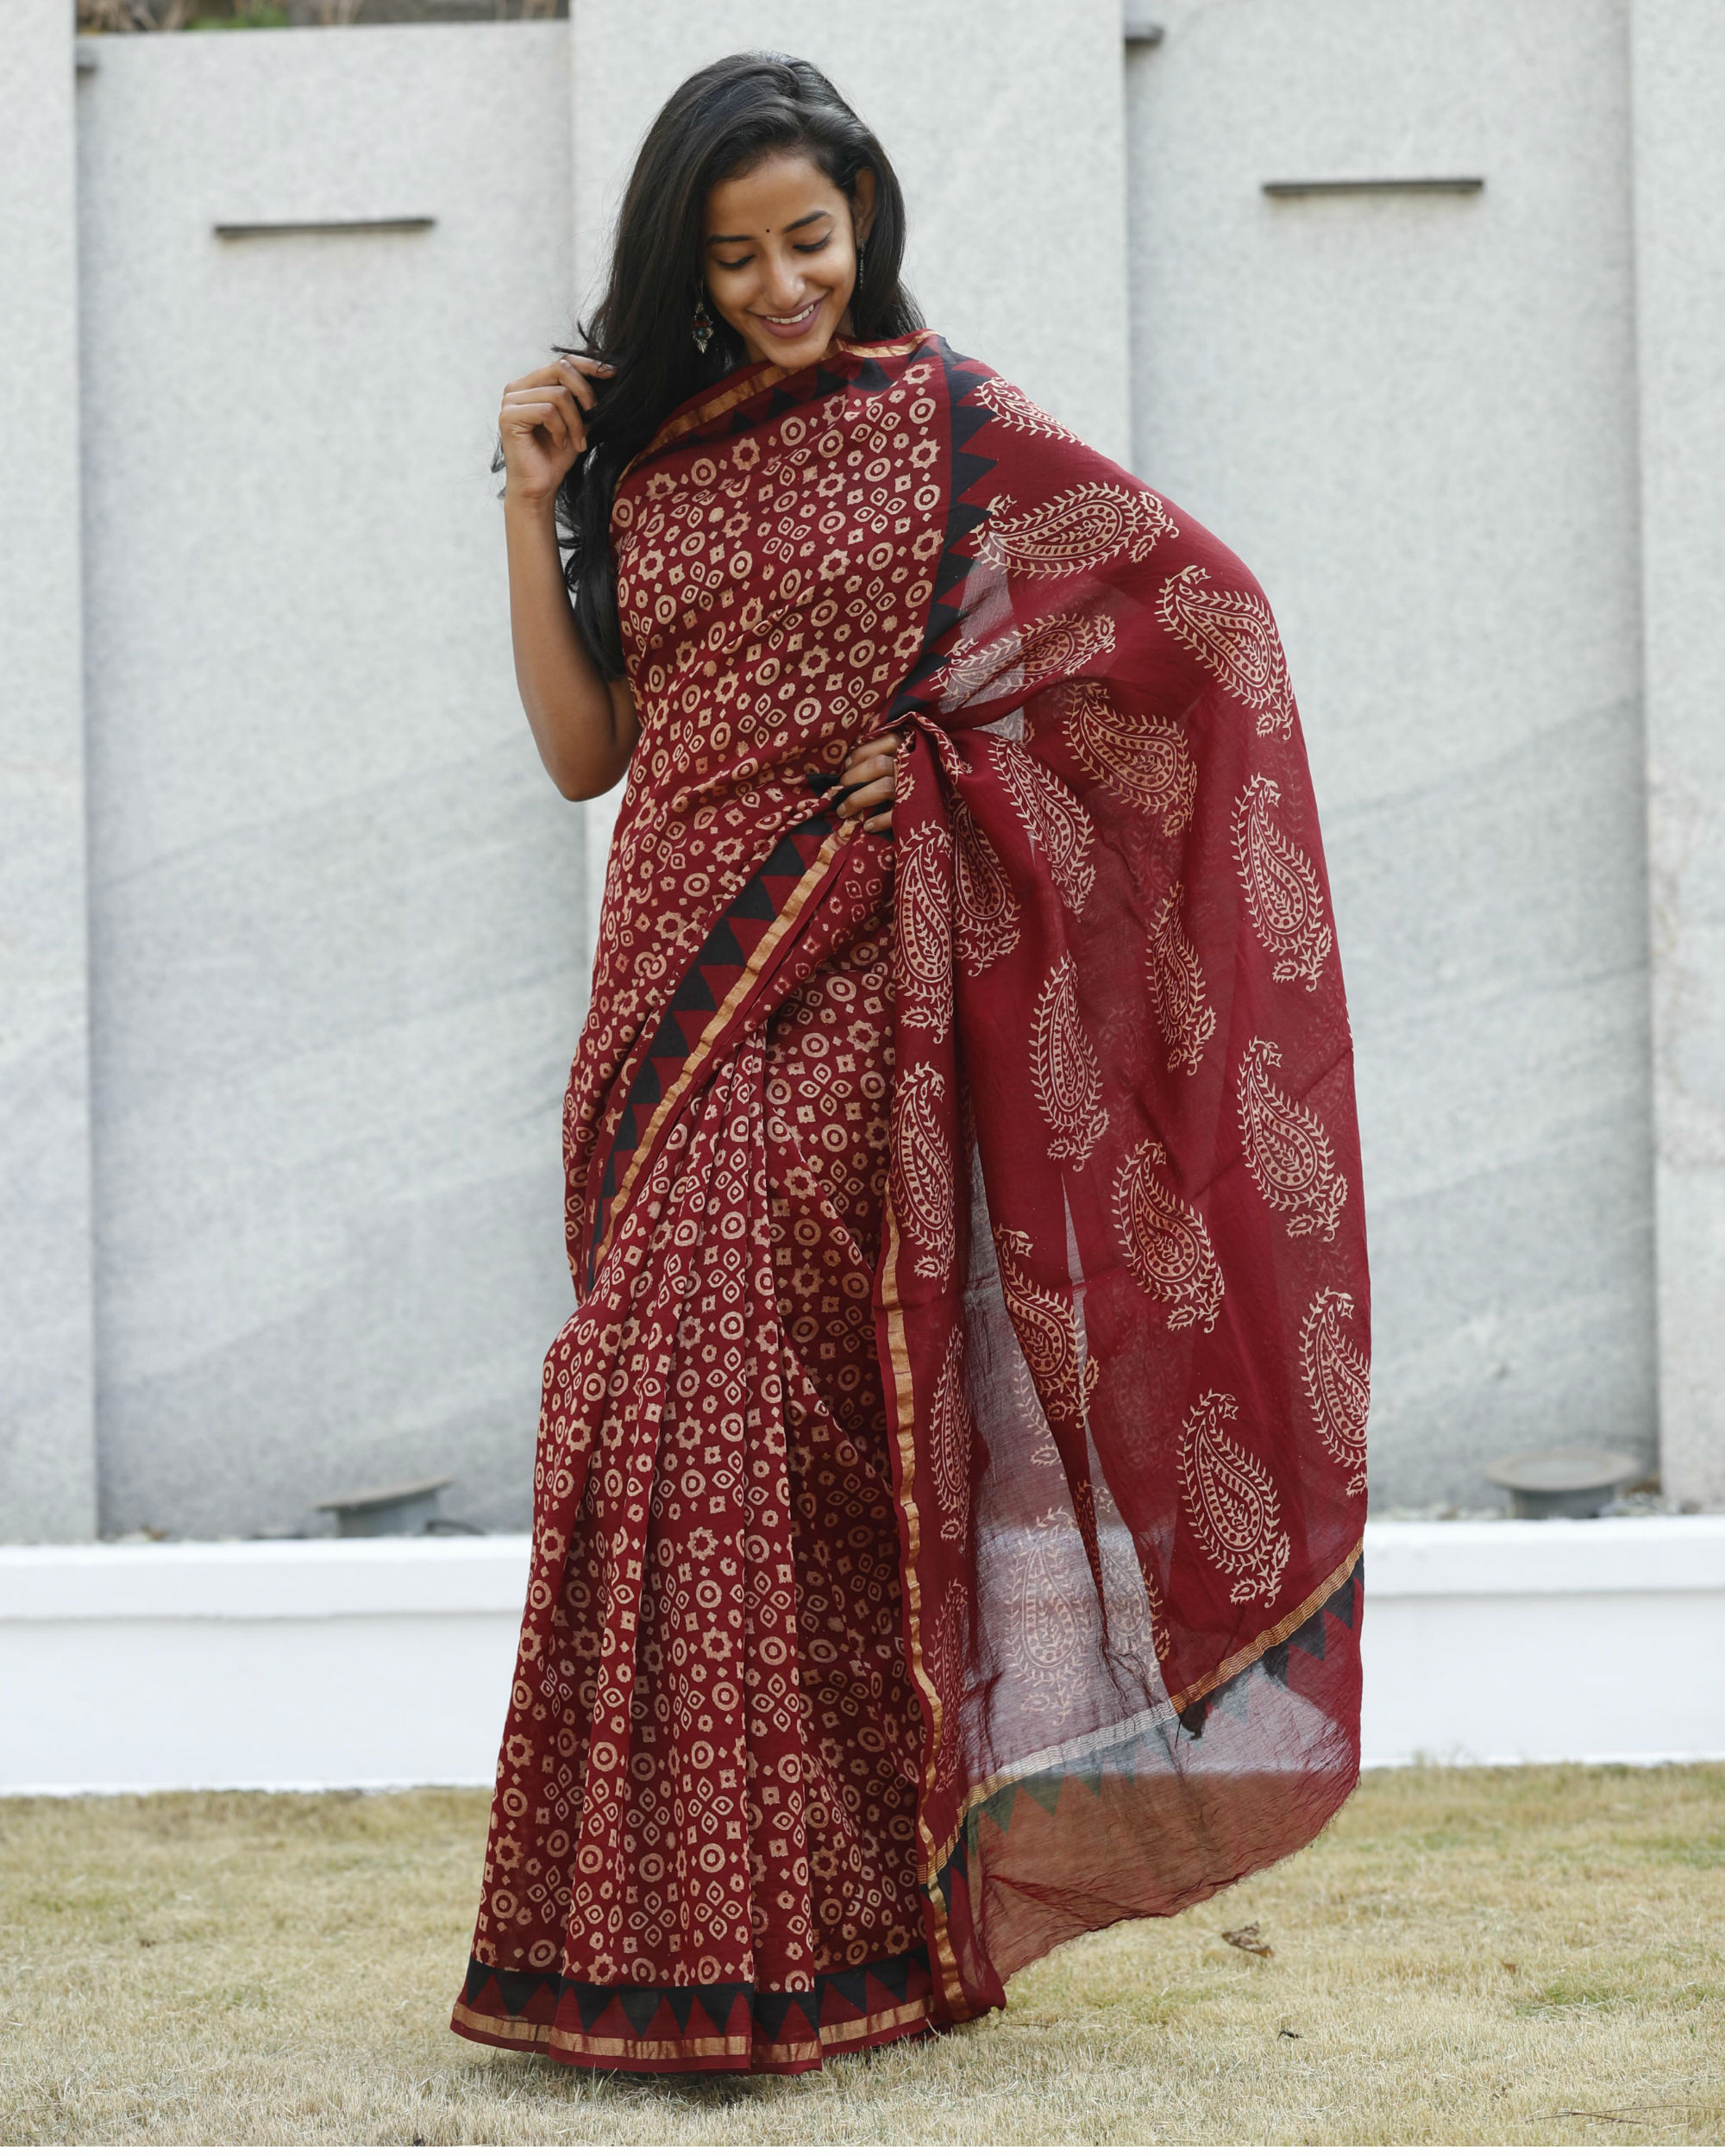 Cherry and garnet red sari